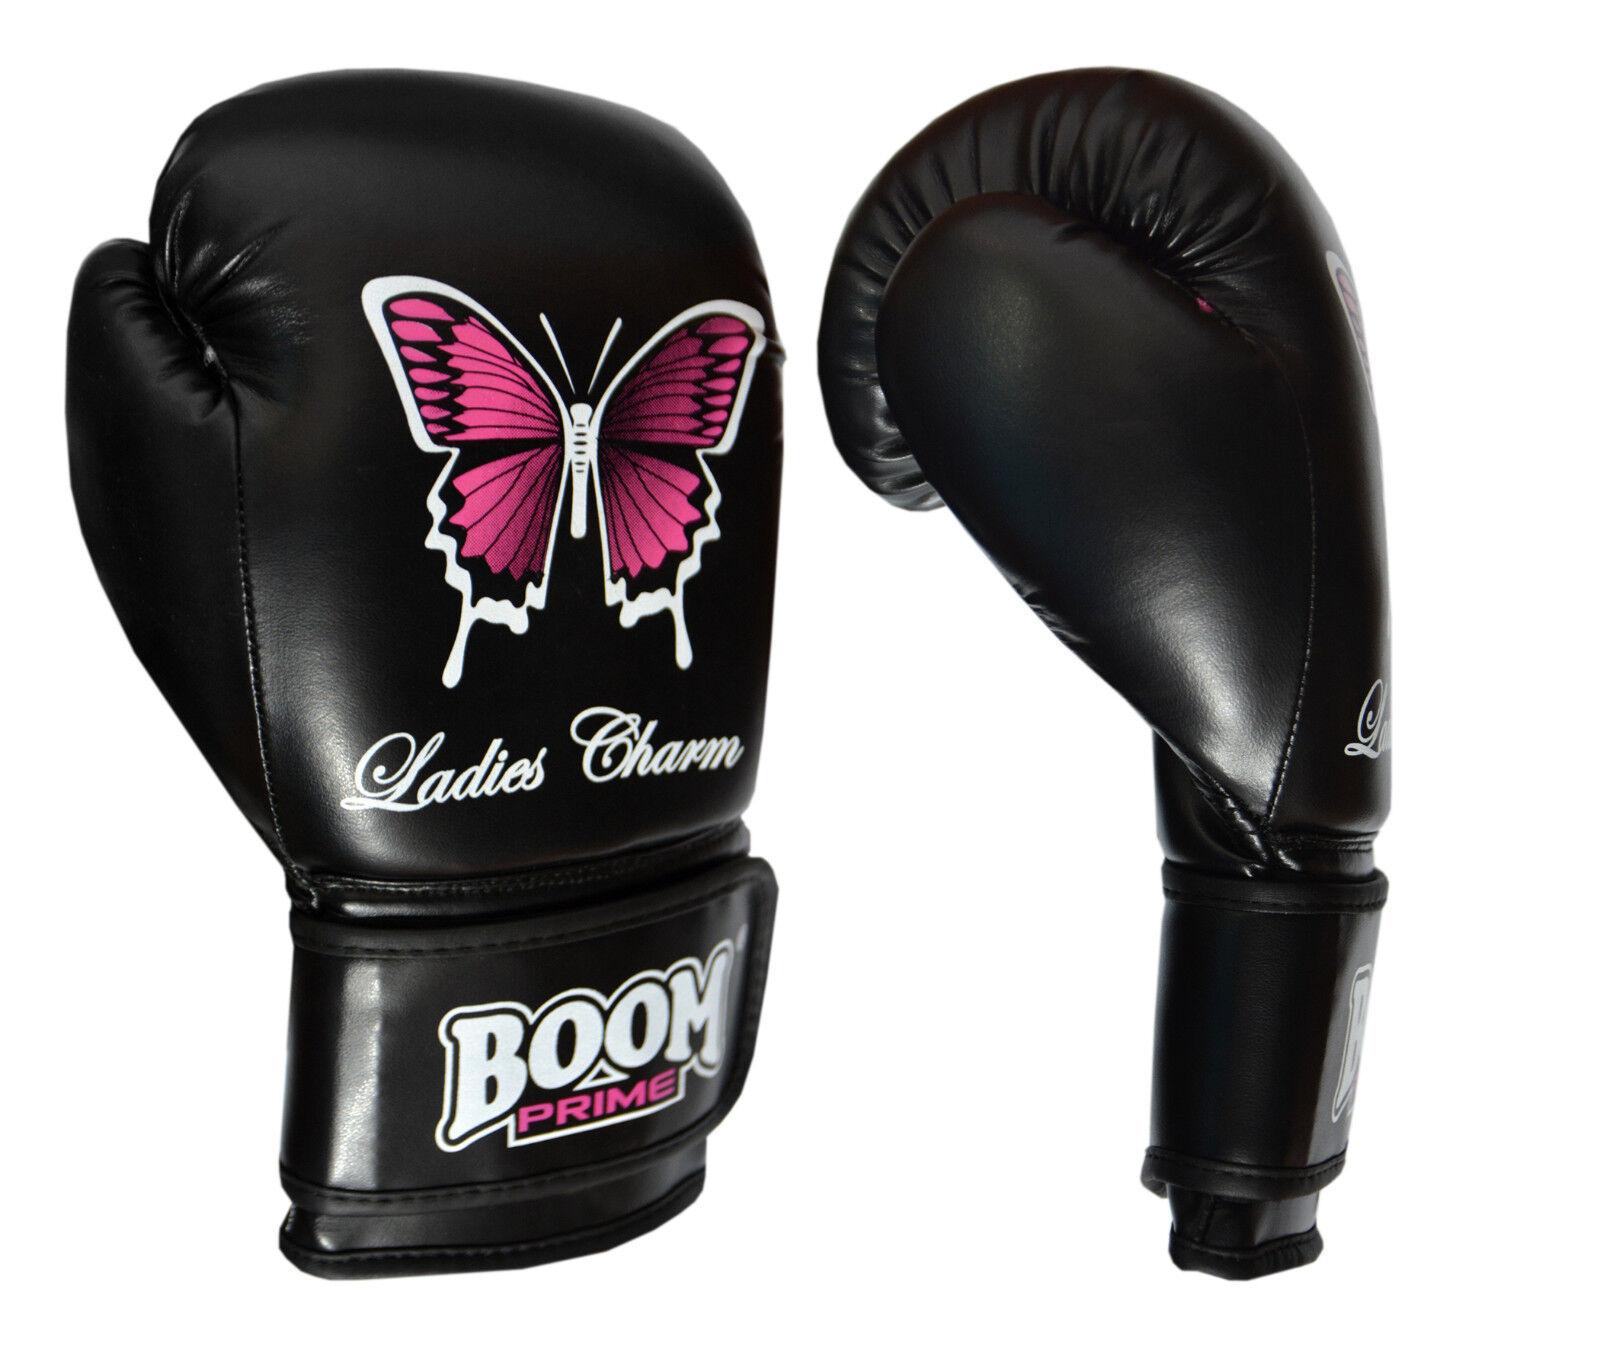 femmes rose Gants de boxe sac femmes femmes femmes Gym Tampons de Pied MMA Moufles Muay Thai a99362